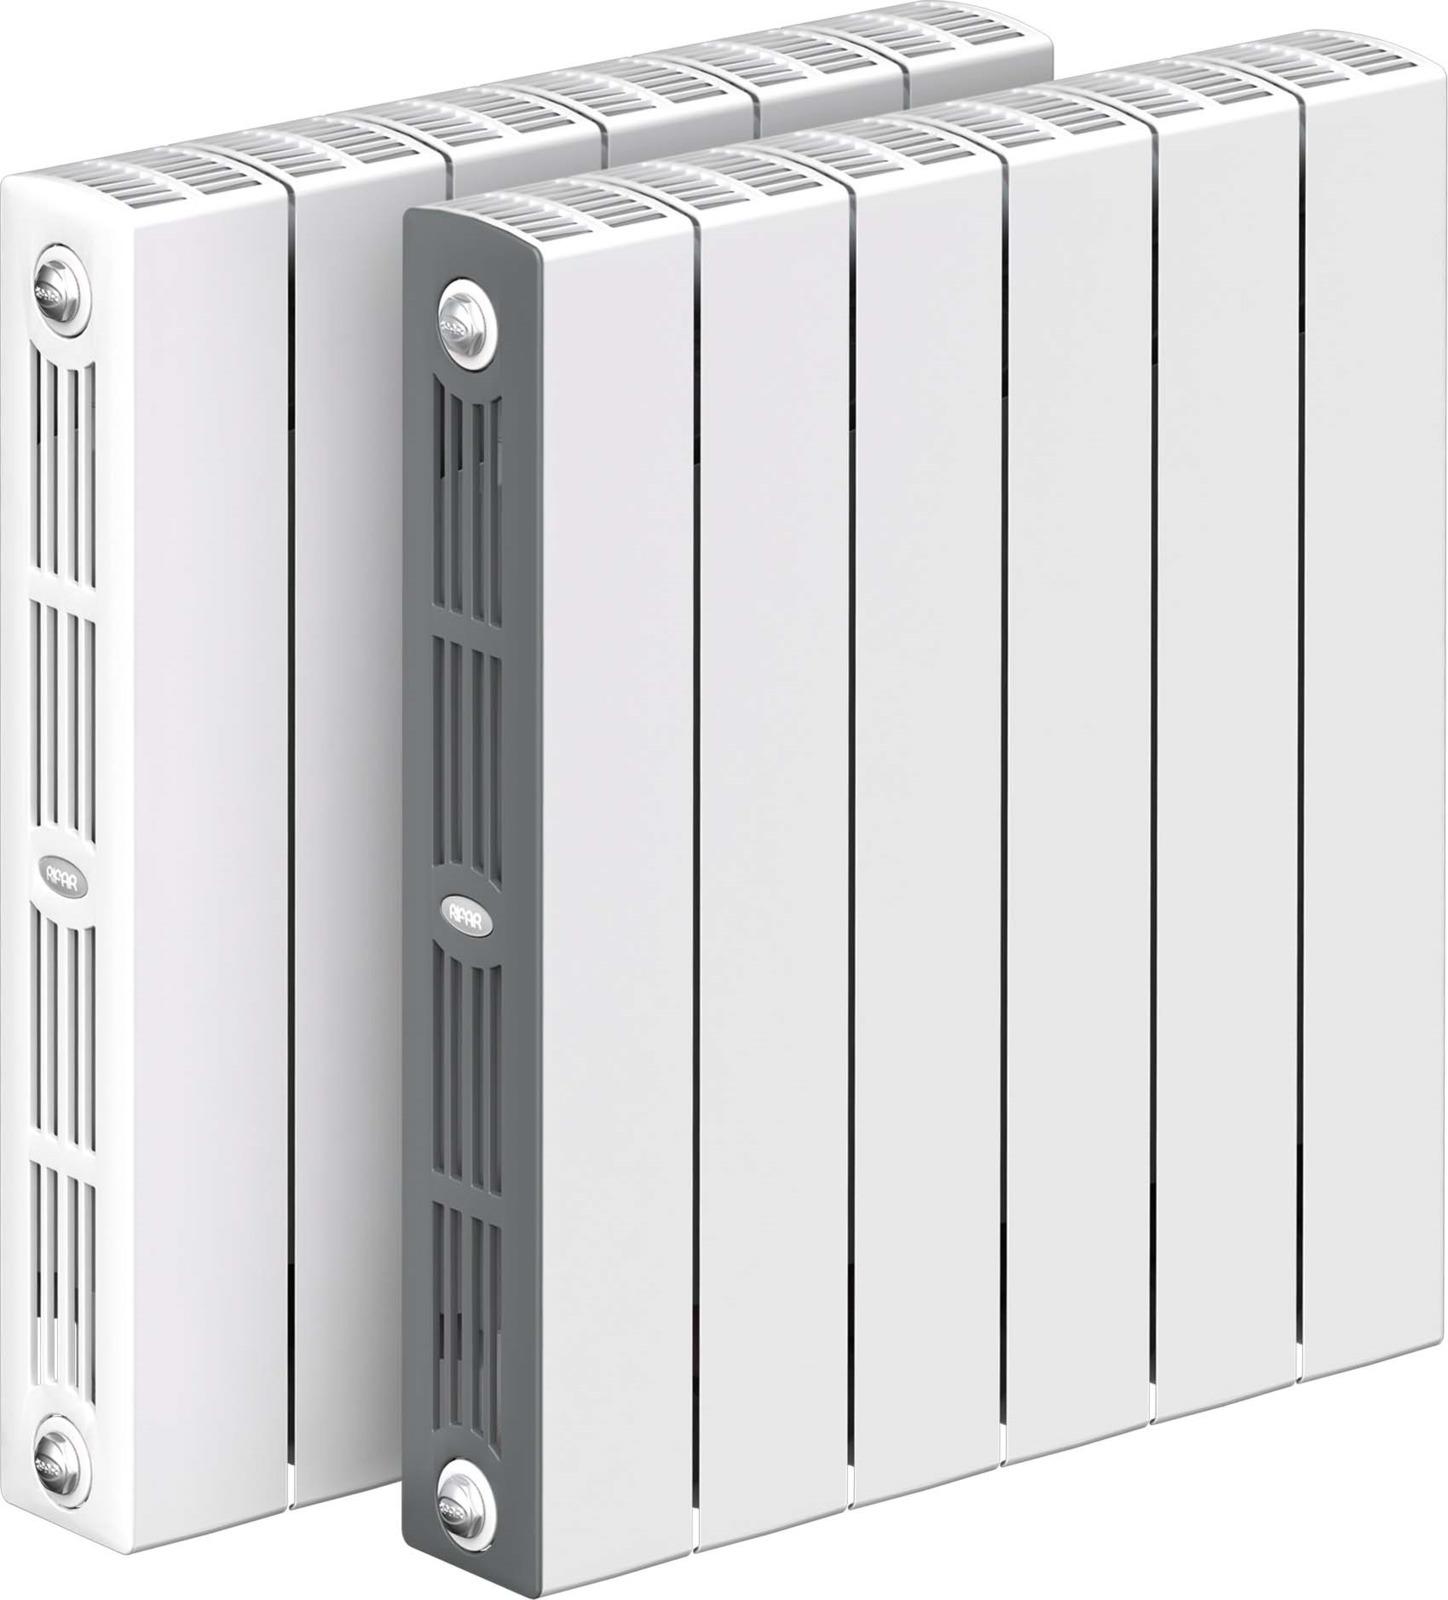 Секционный радиатор Rifar Supremo 500, биметаллический, RIFAR S 500-10, белый, 10 секций цена